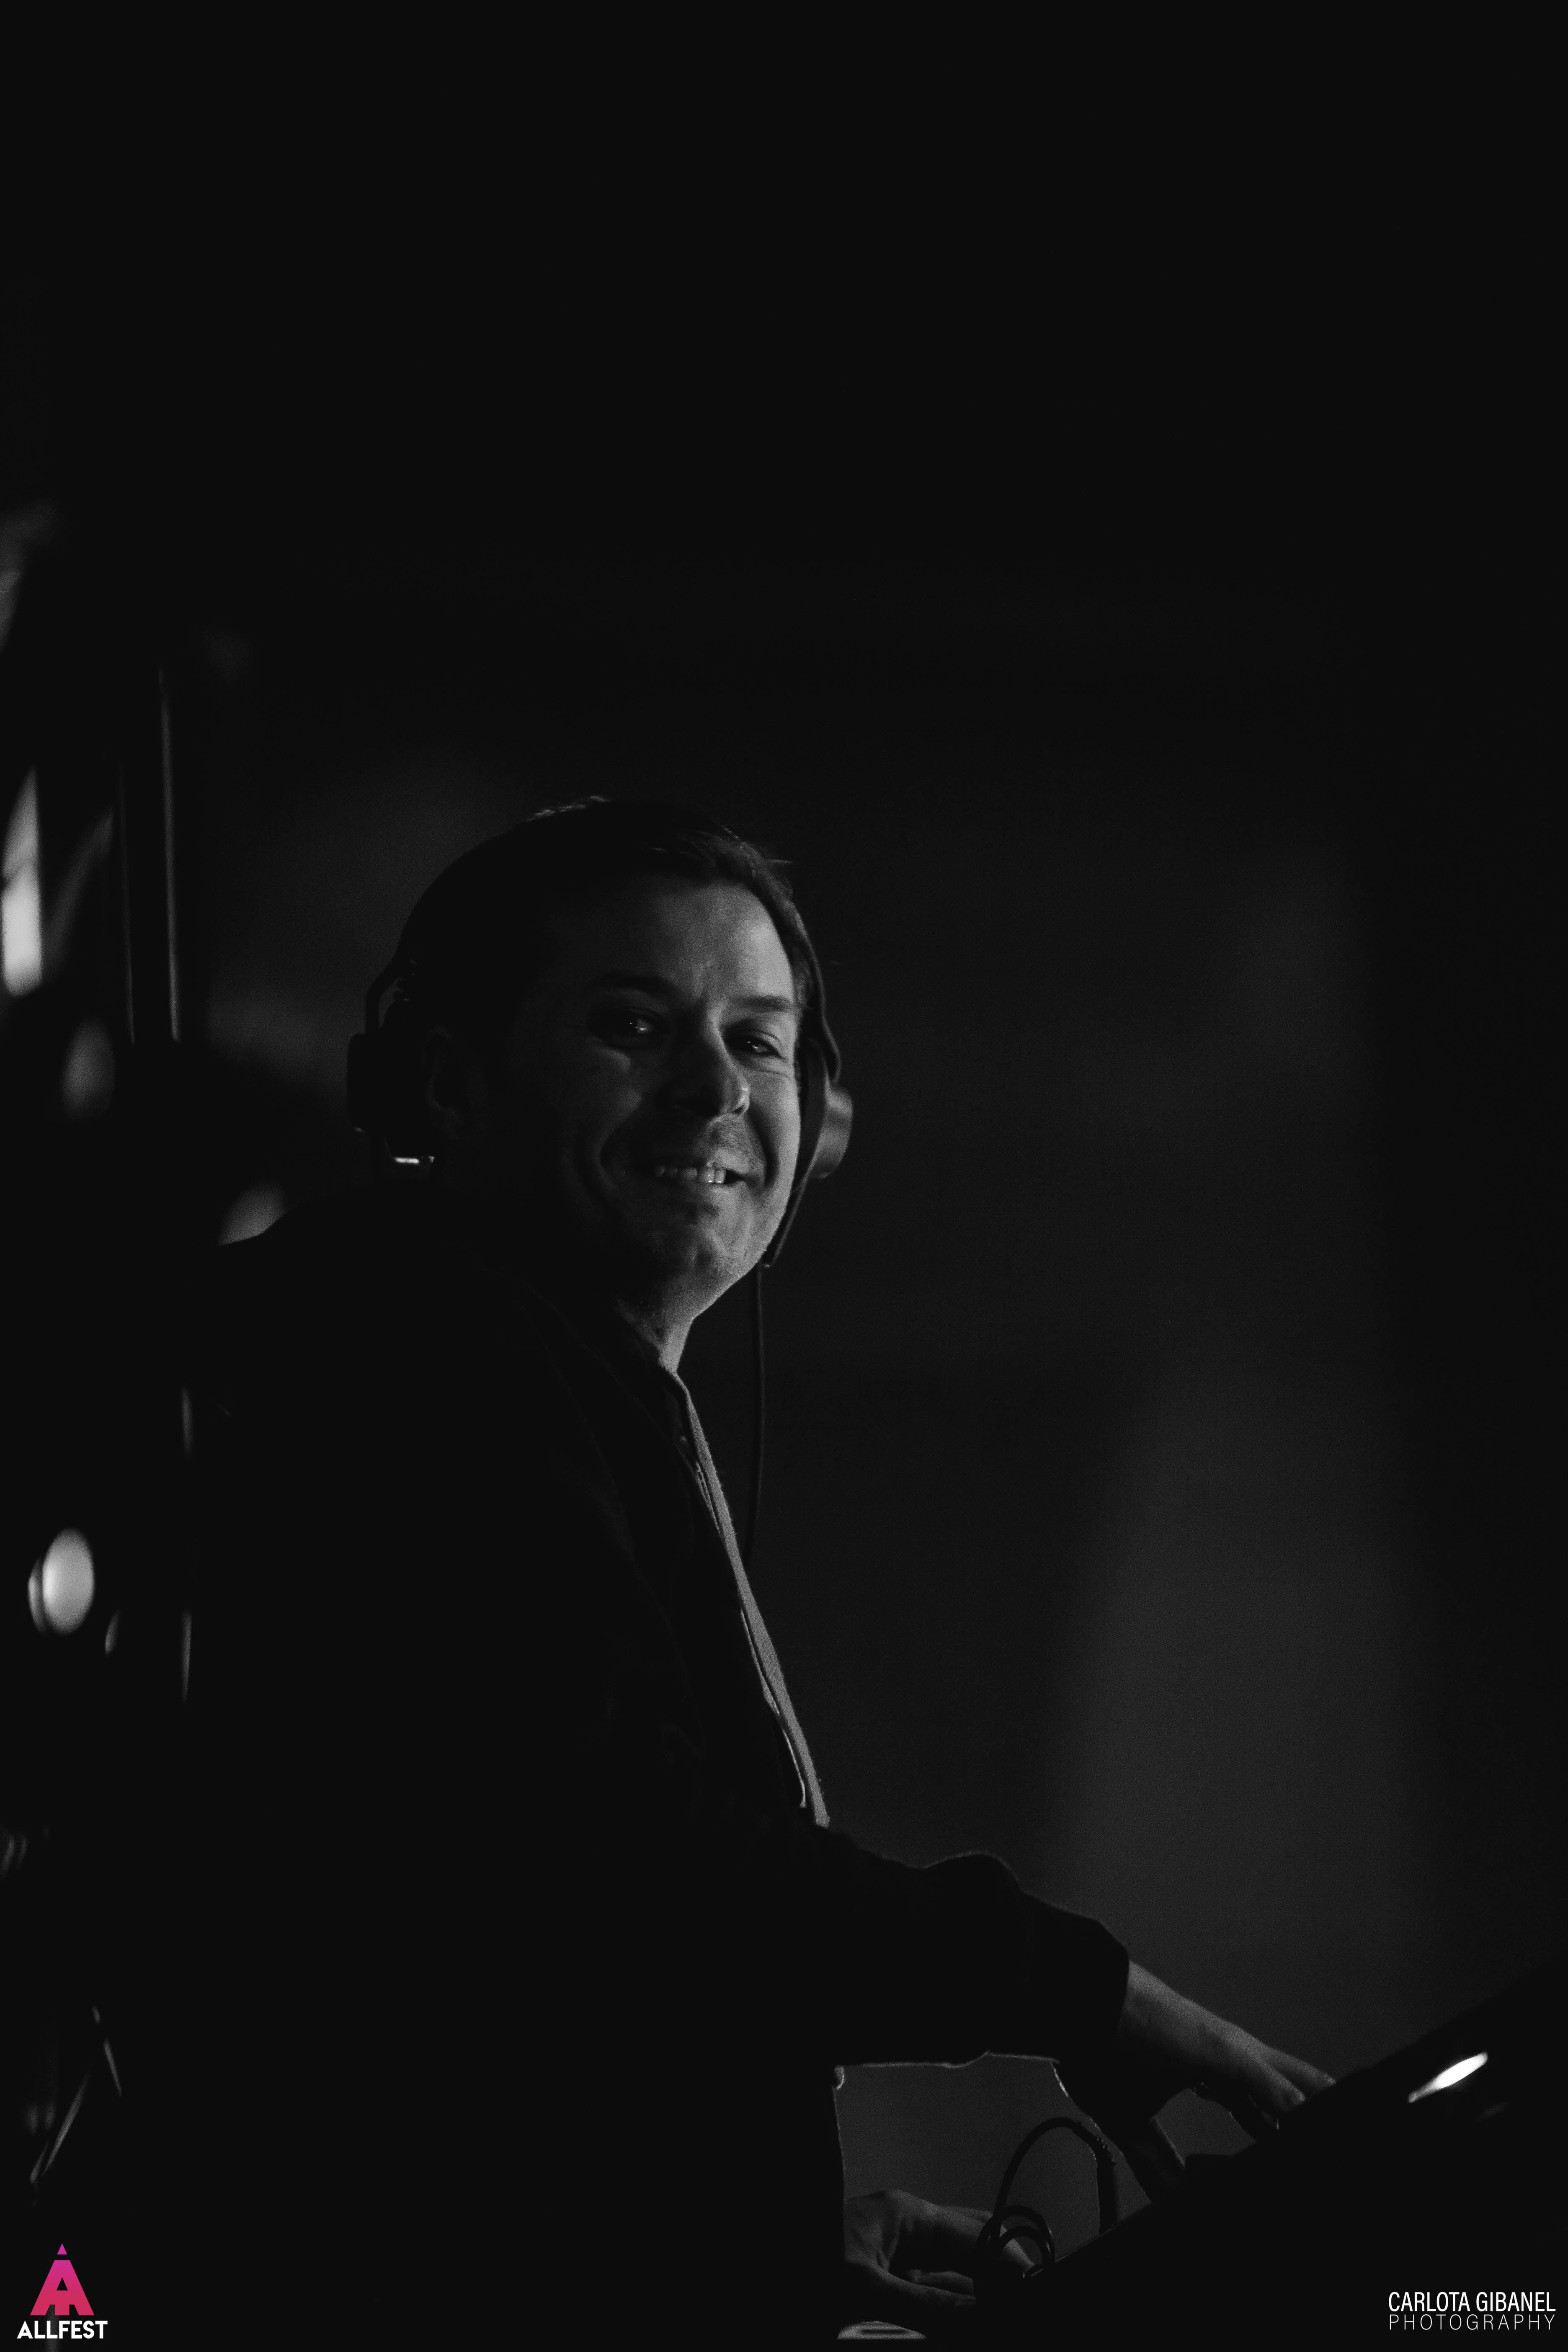 Sergi Domene x Abroadfest | Carlota Gibanel (Allfest)